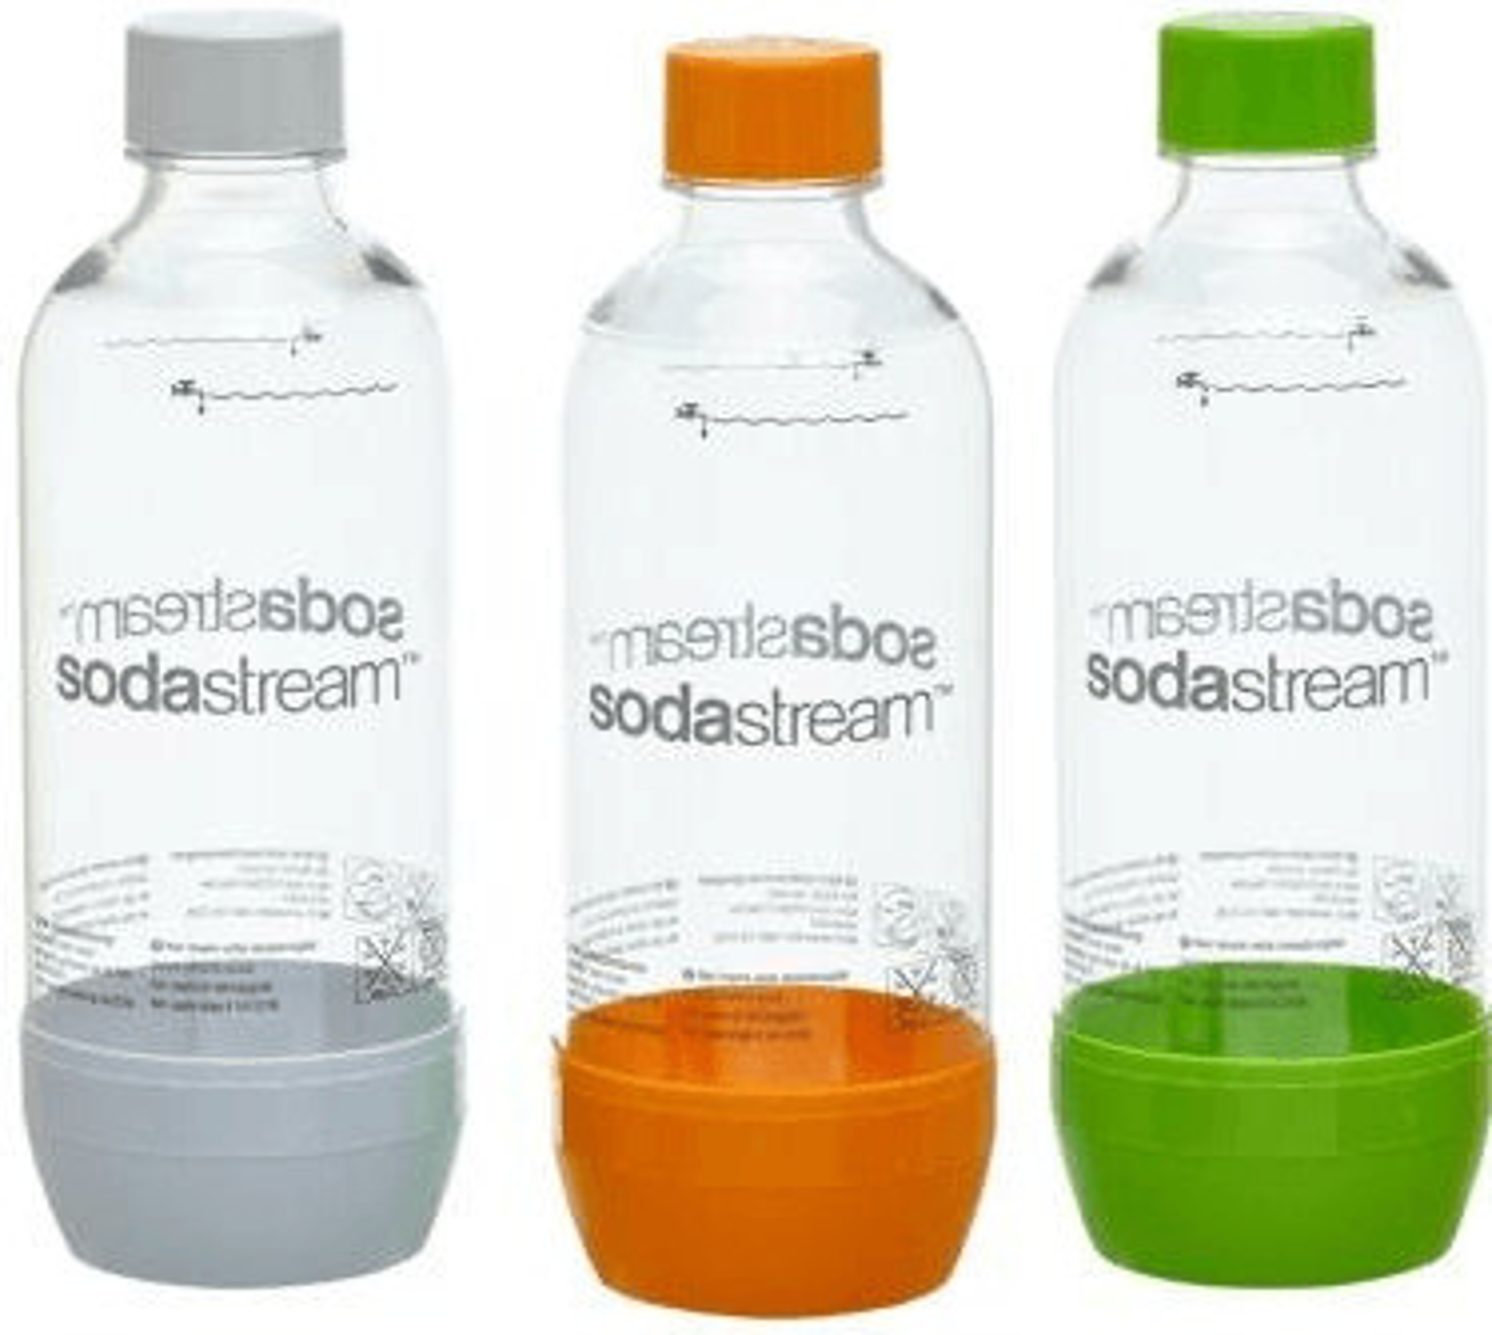 sodastream pet flasche 2 1 3 x 1 liter ean 7290010498093 preisvergleich und produktsuche. Black Bedroom Furniture Sets. Home Design Ideas